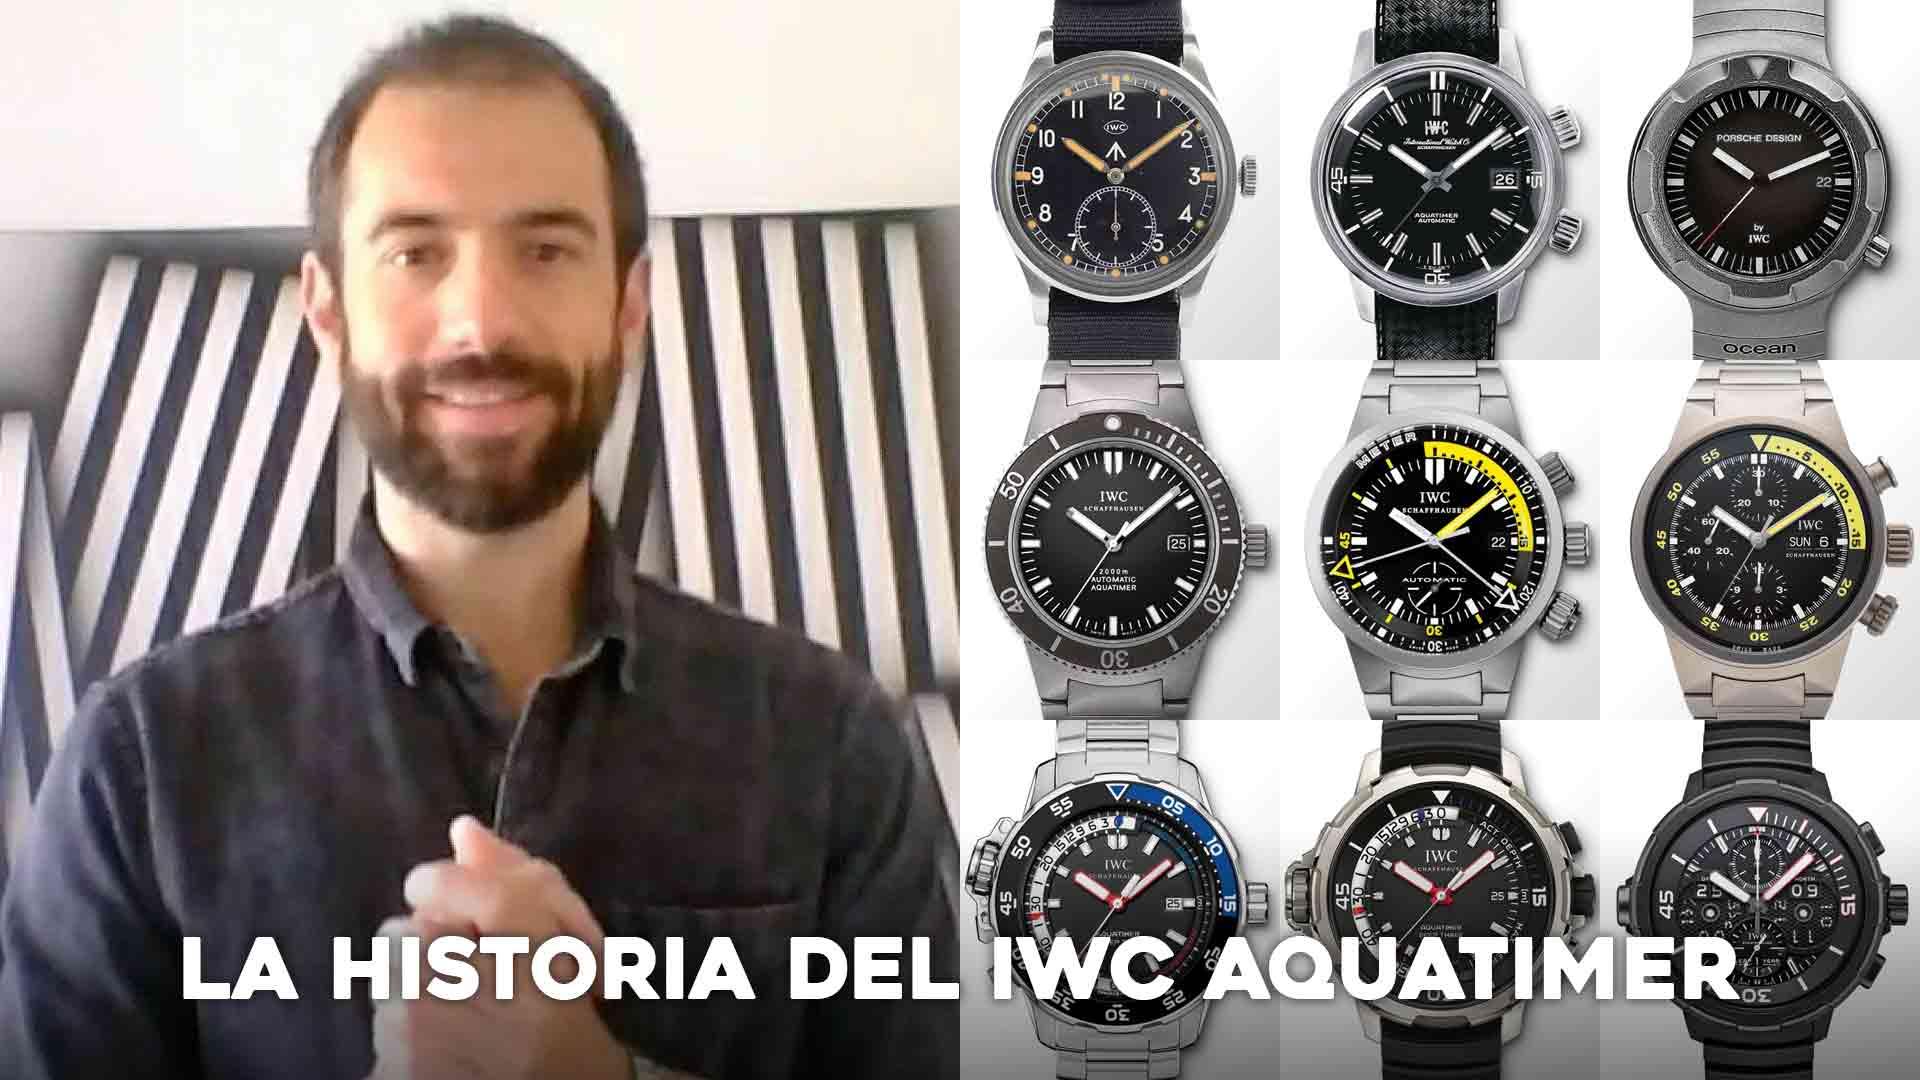 La historia del IWC Aquatimer